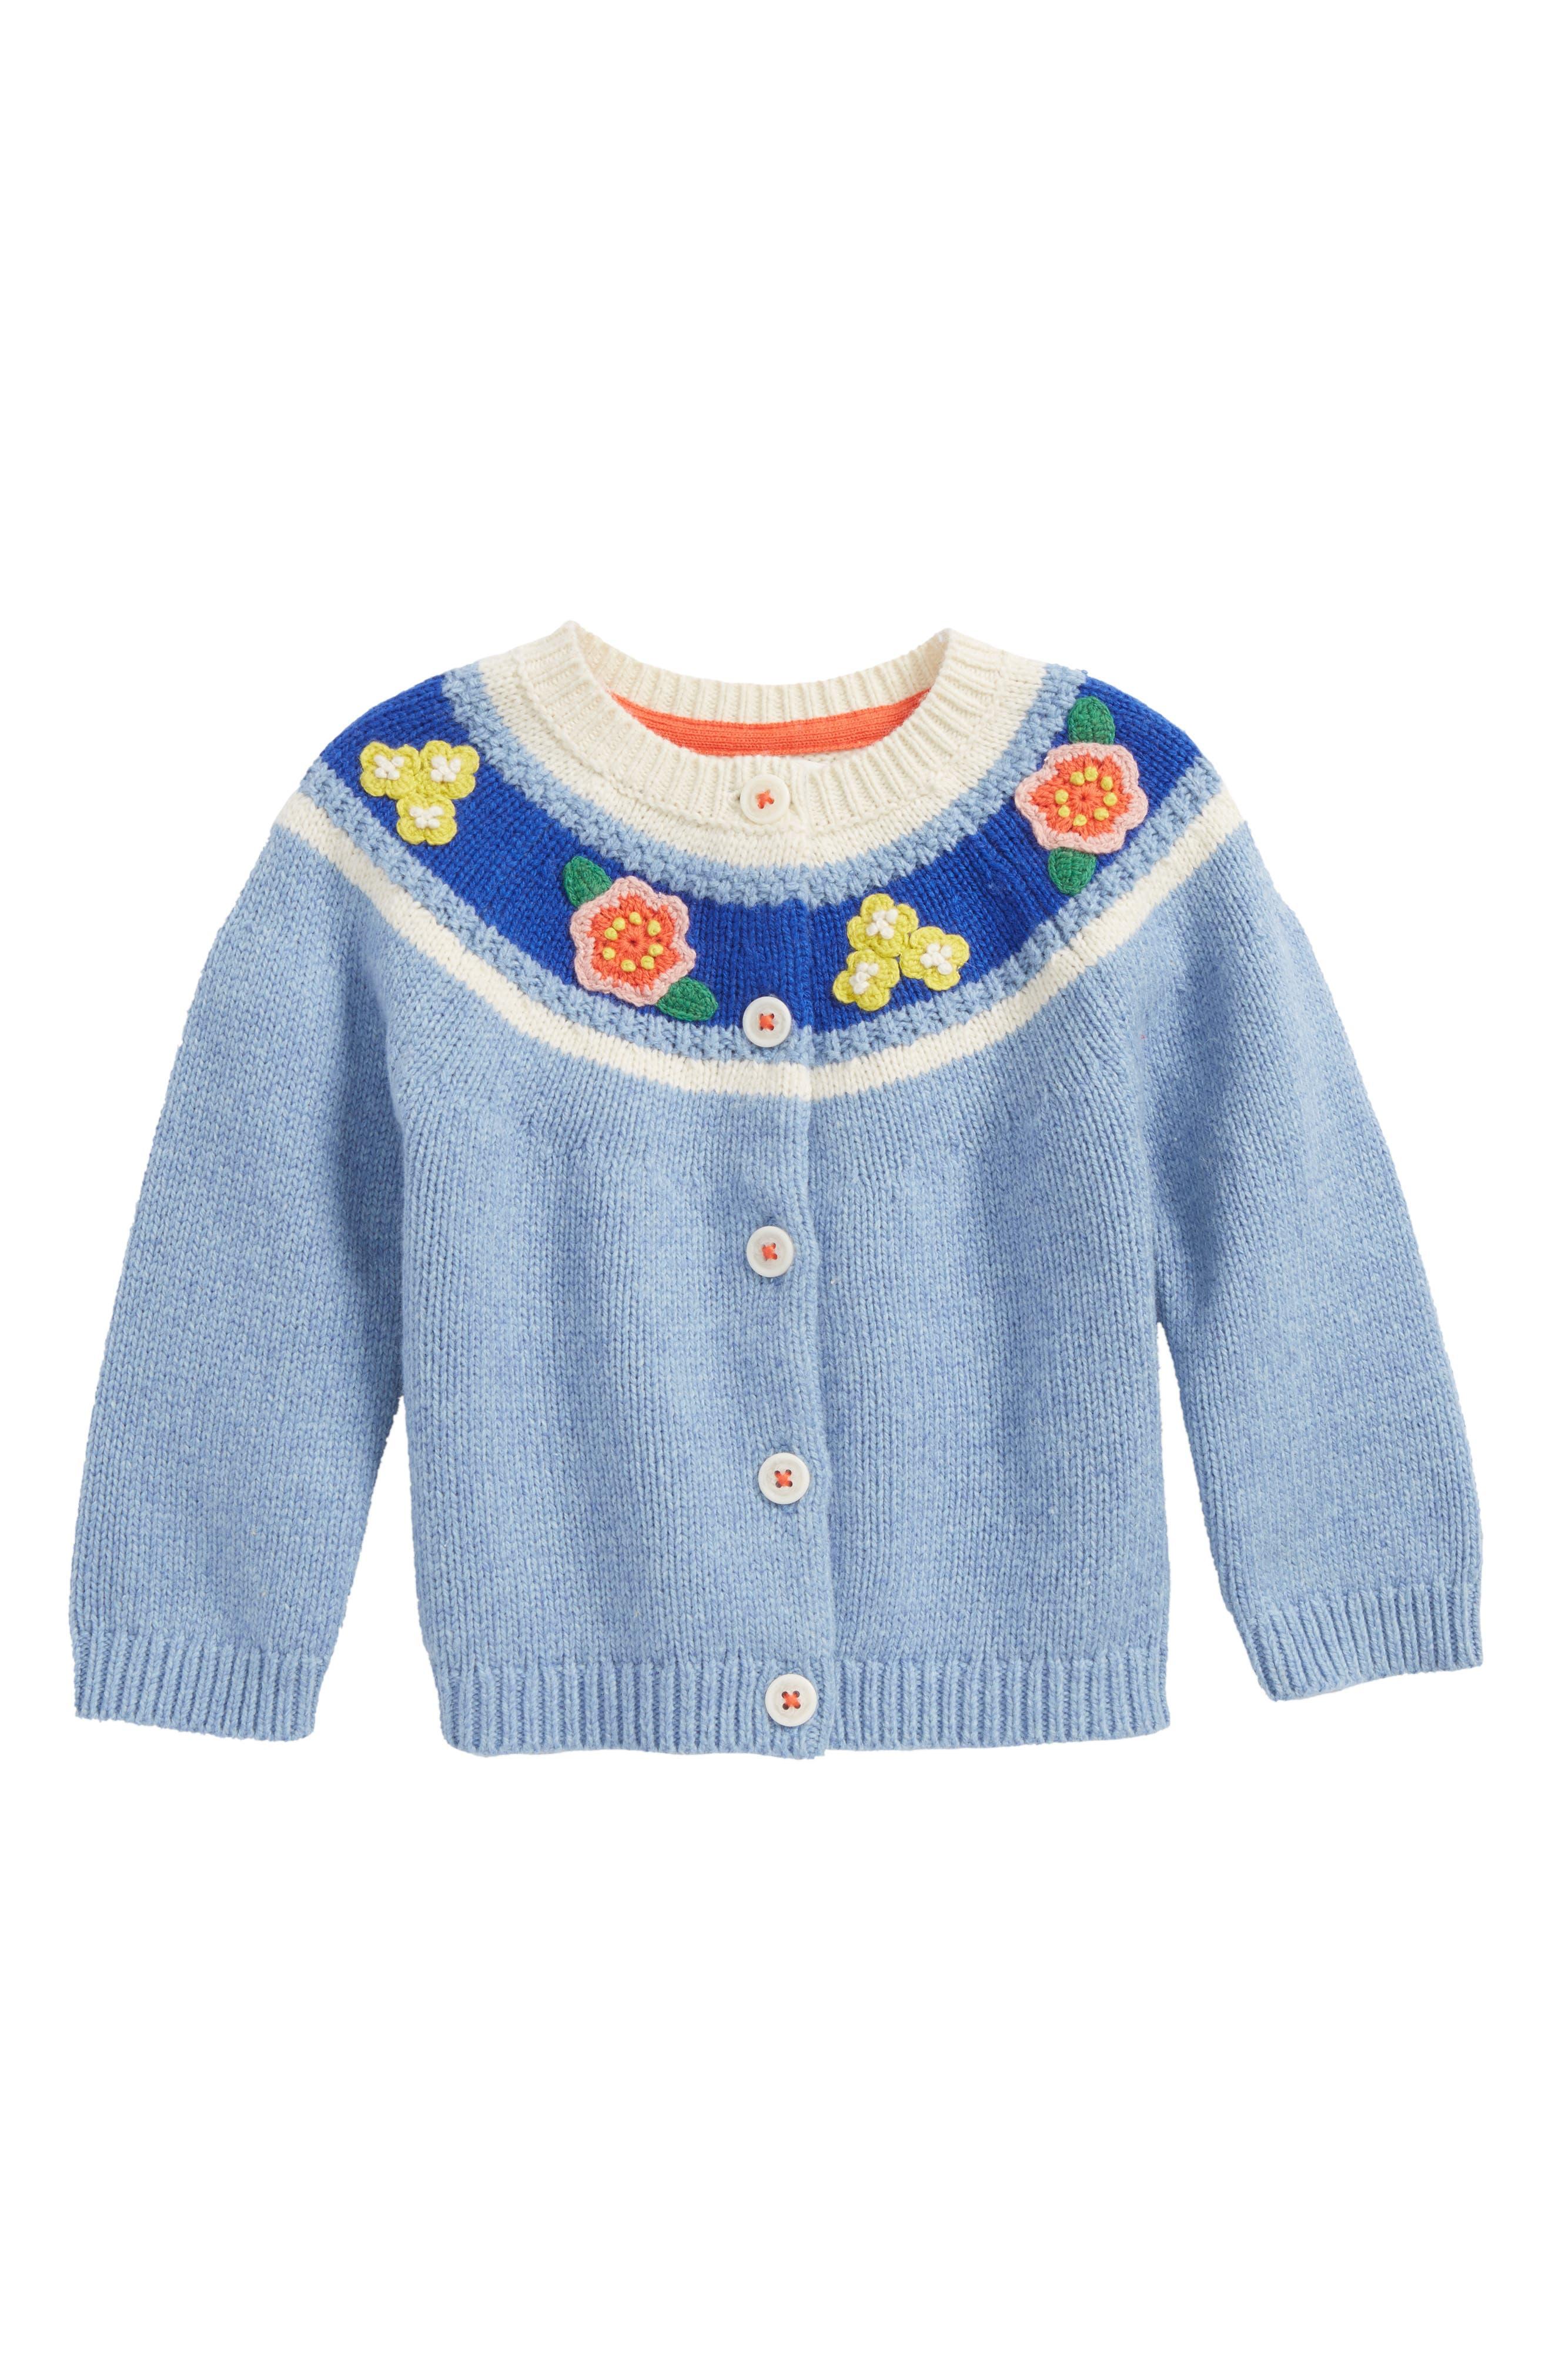 Alternate Image 1 Selected - Mini Boden Crochet Flower Cardigan (Baby Girls & Toddler Girls)